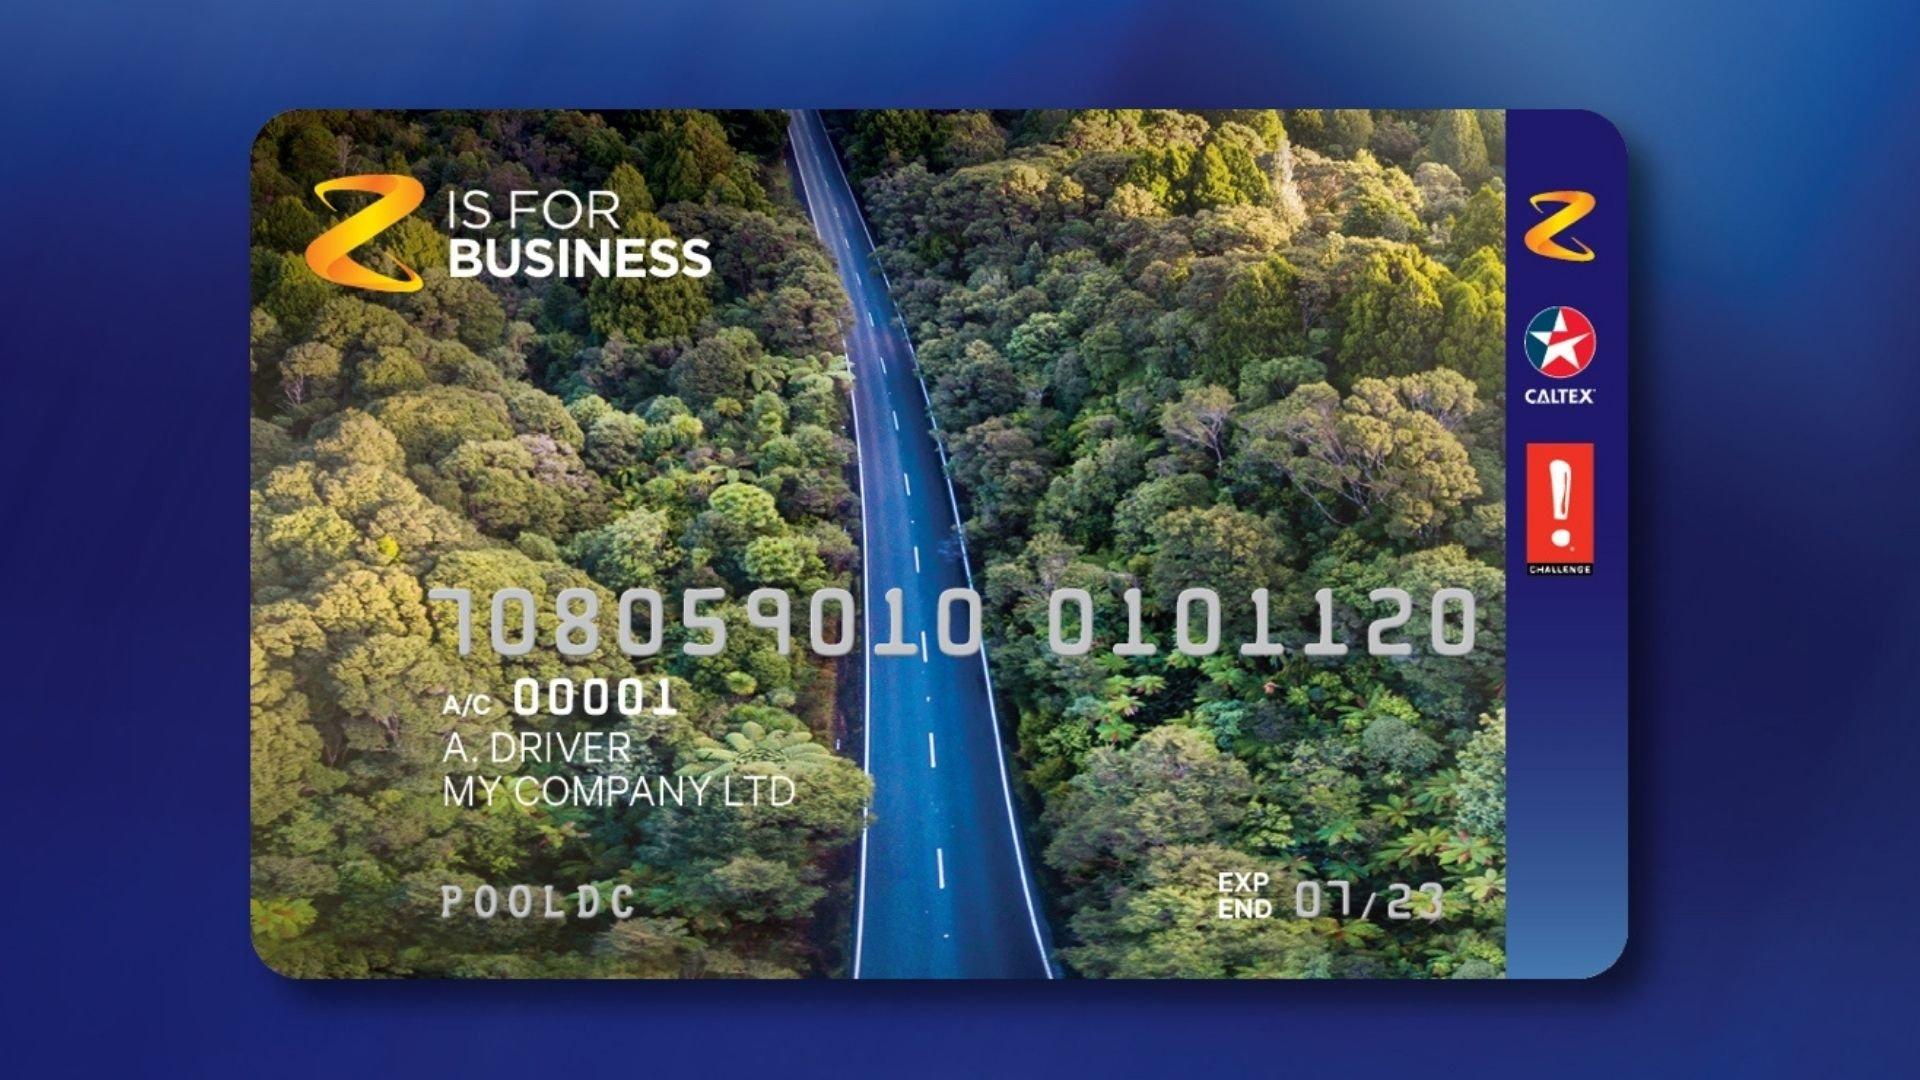 Z_Business_1920x1080